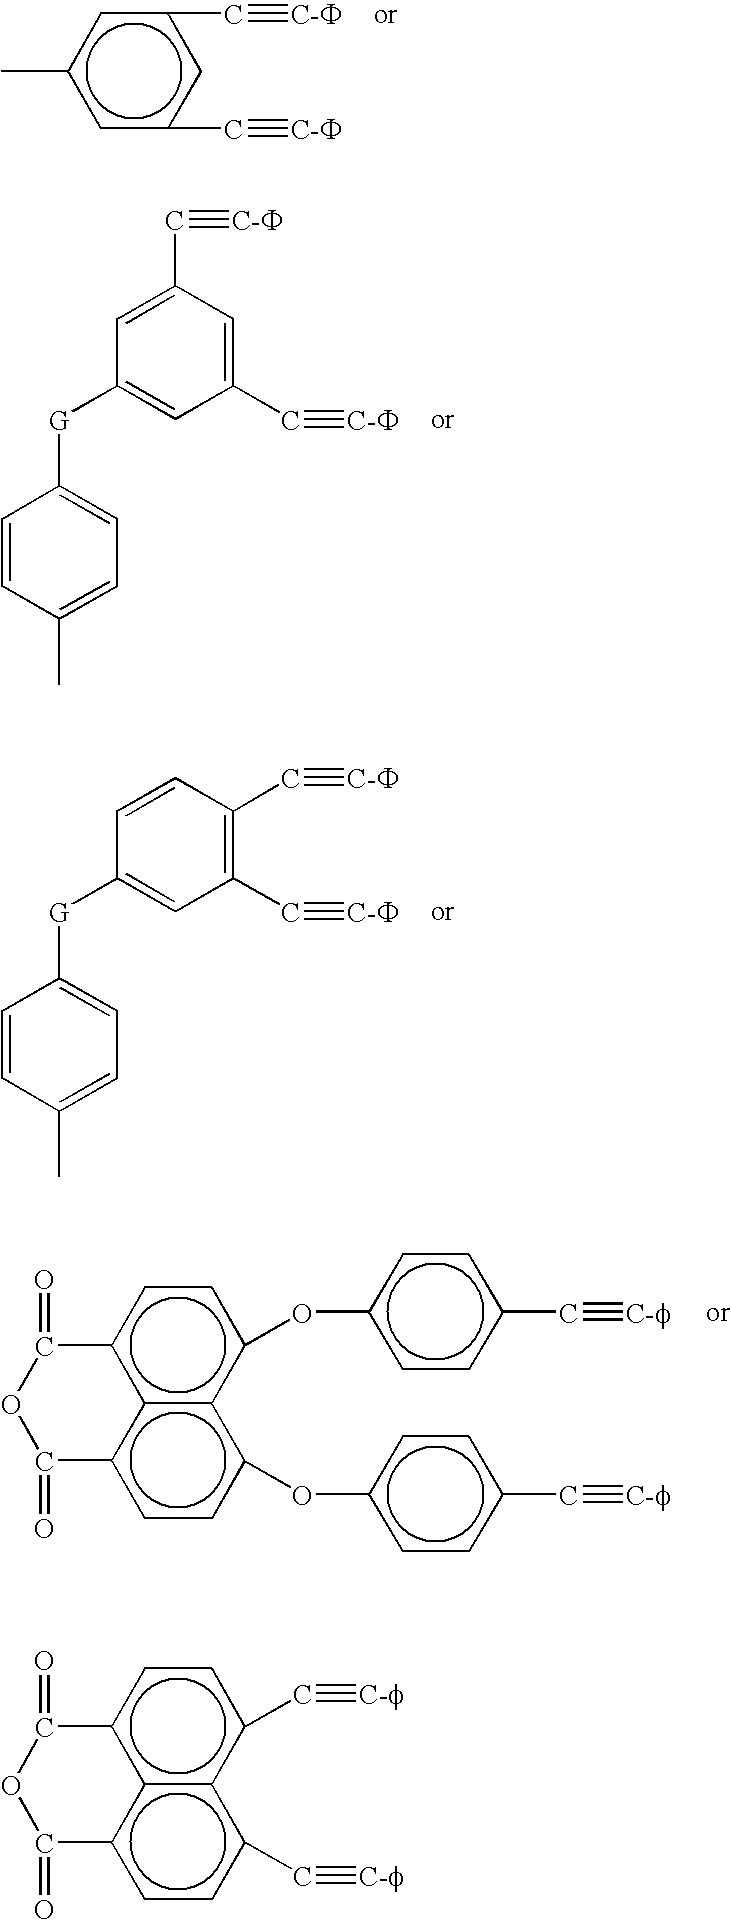 Figure US20100204412A1-20100812-C00077